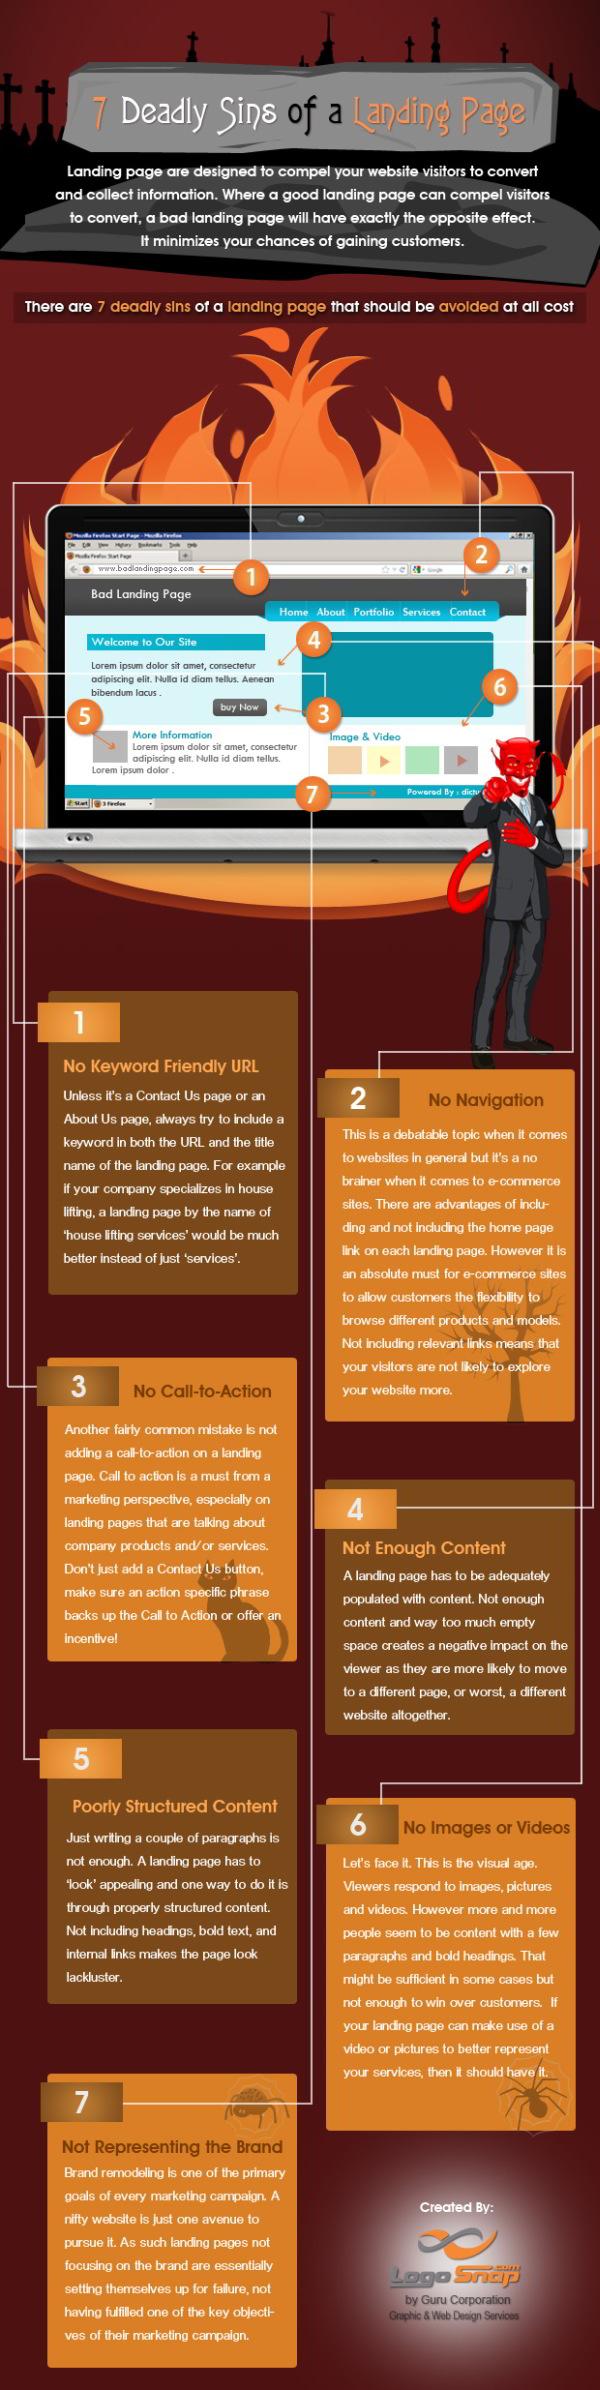 Landing page : les 7 péchés capitaux